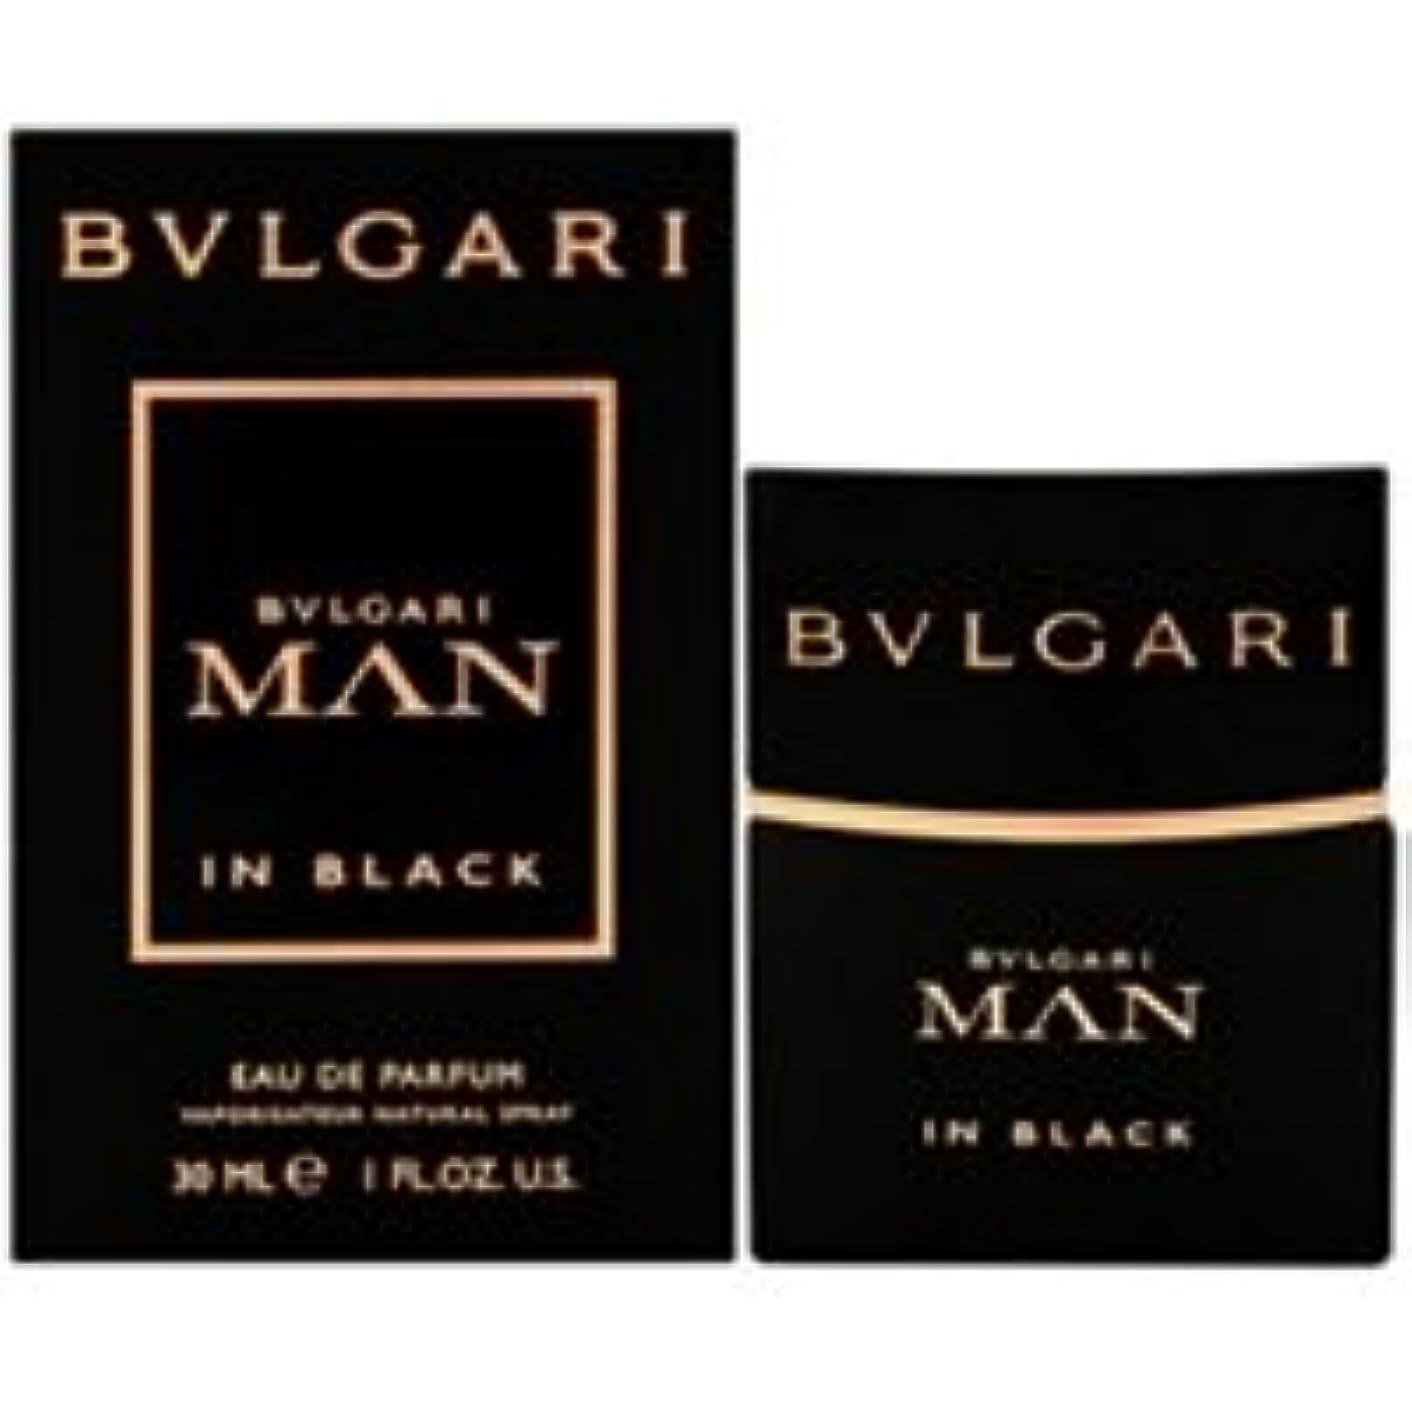 方法論拘束する驚くばかりブルガリ BVLGARI ブルガリ マン イン ブラック EDP SP 30ml